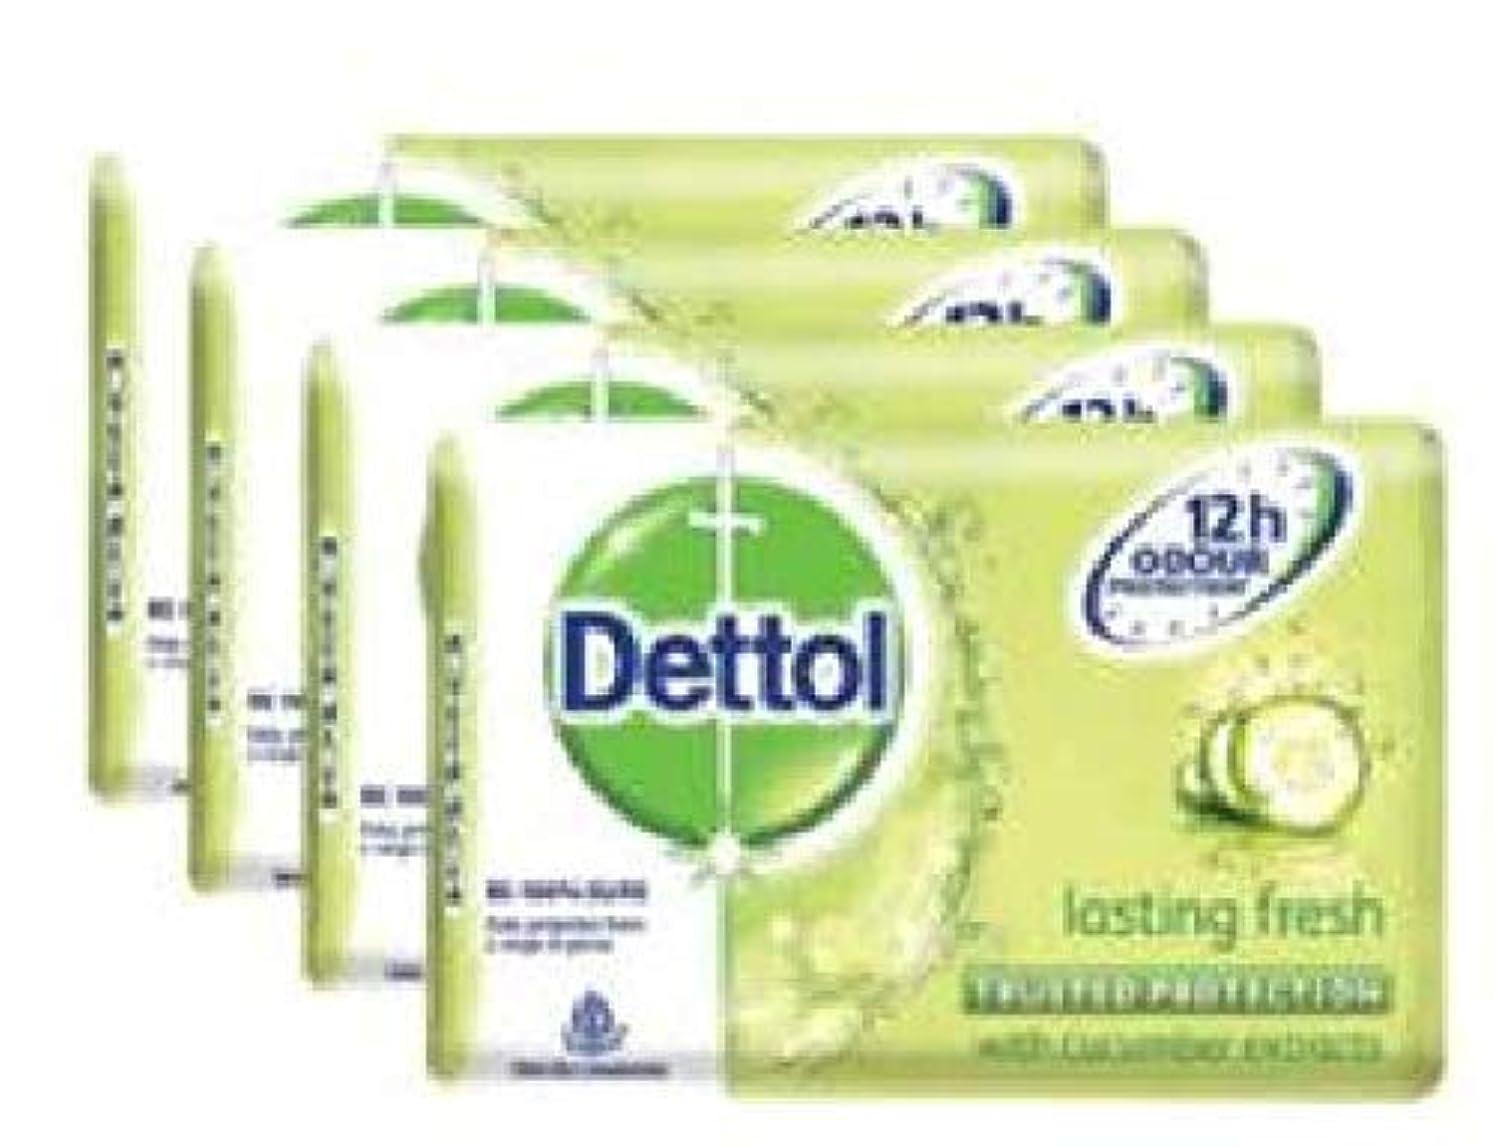 画像同化する組Dettol 新鮮4x105g-を持続固形石鹸は、あなたが自由生殖続け、石鹸は肌にもとても優しいです